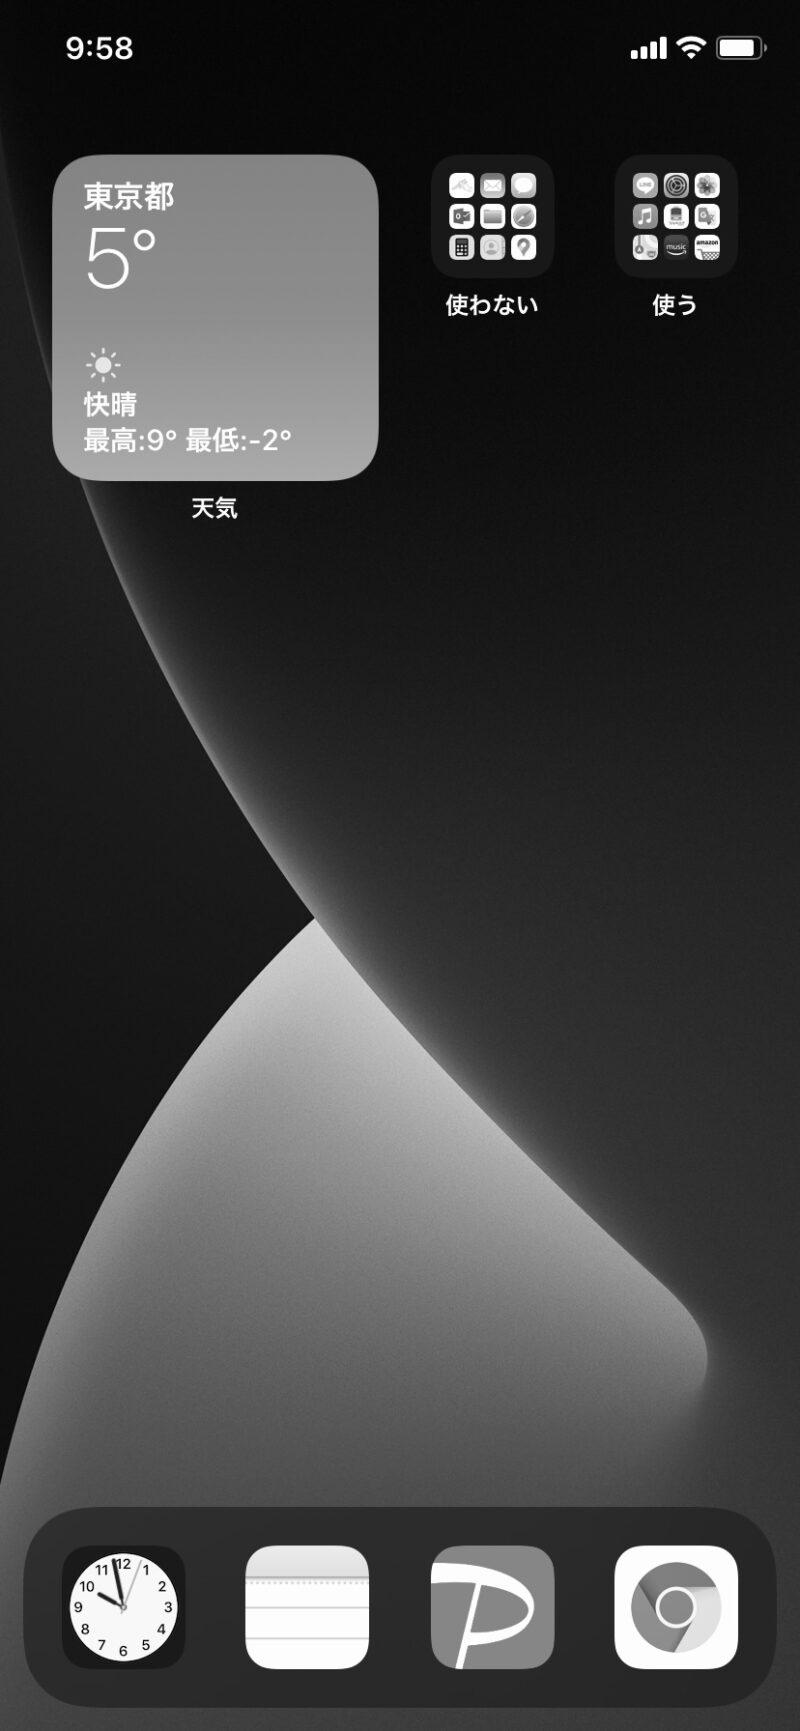 モノクロに設定したスマホ画面